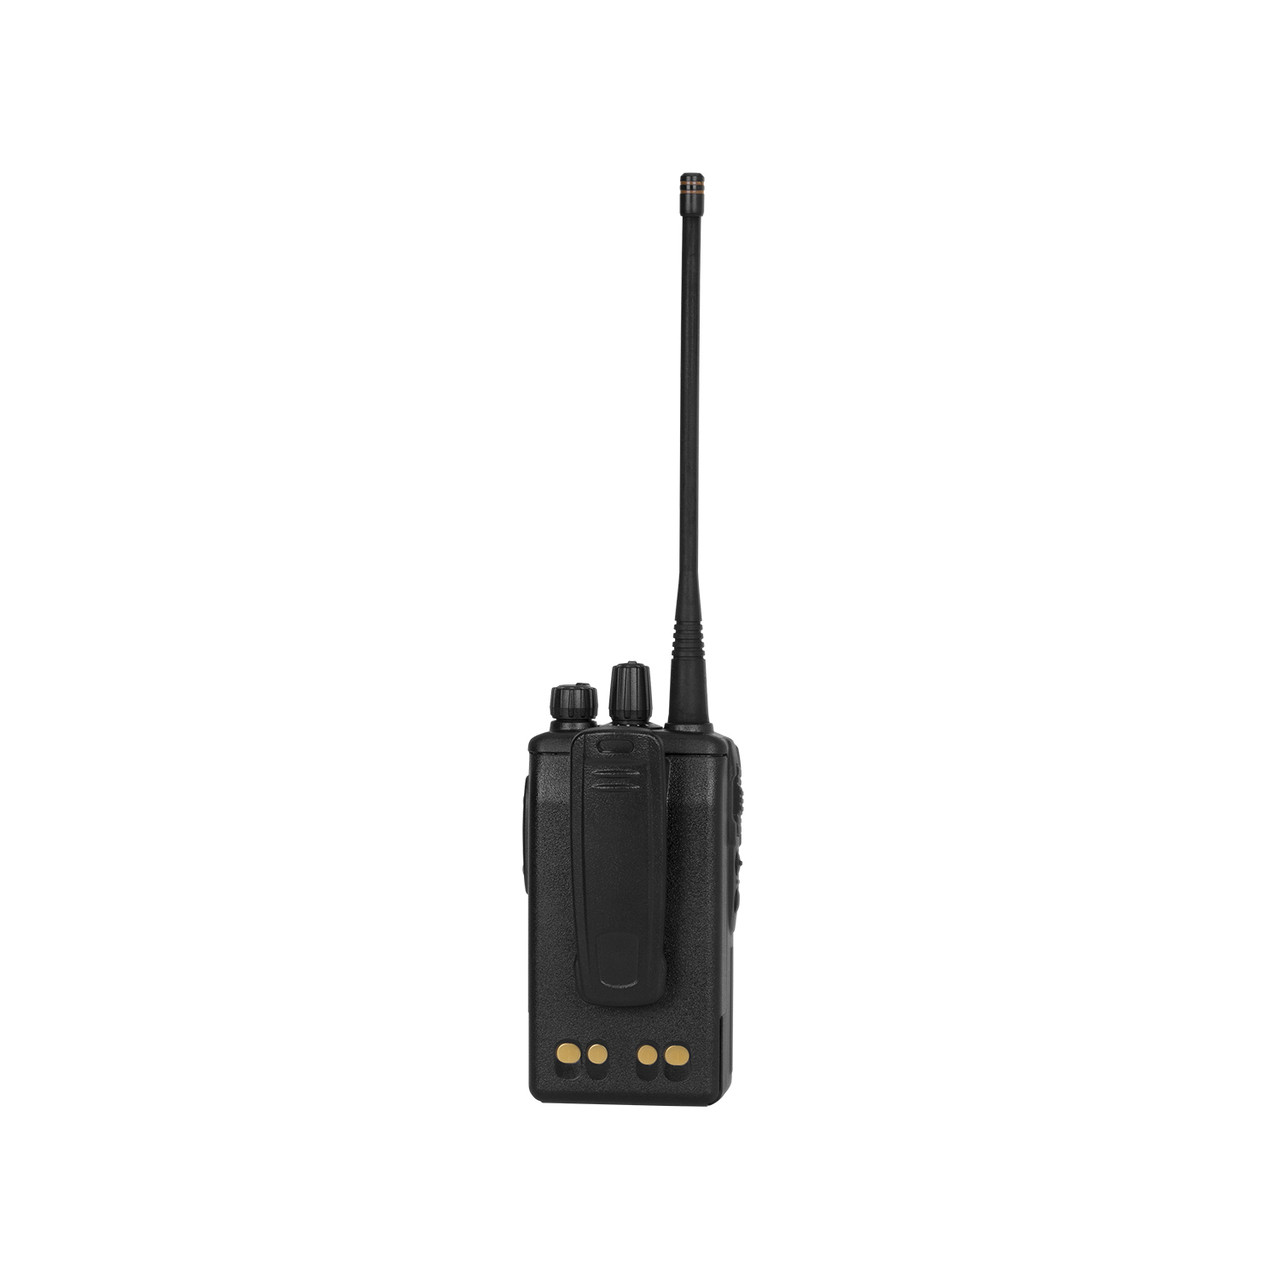 Motorola VX-264 5 Watt UHF or VHF Two Way Radio